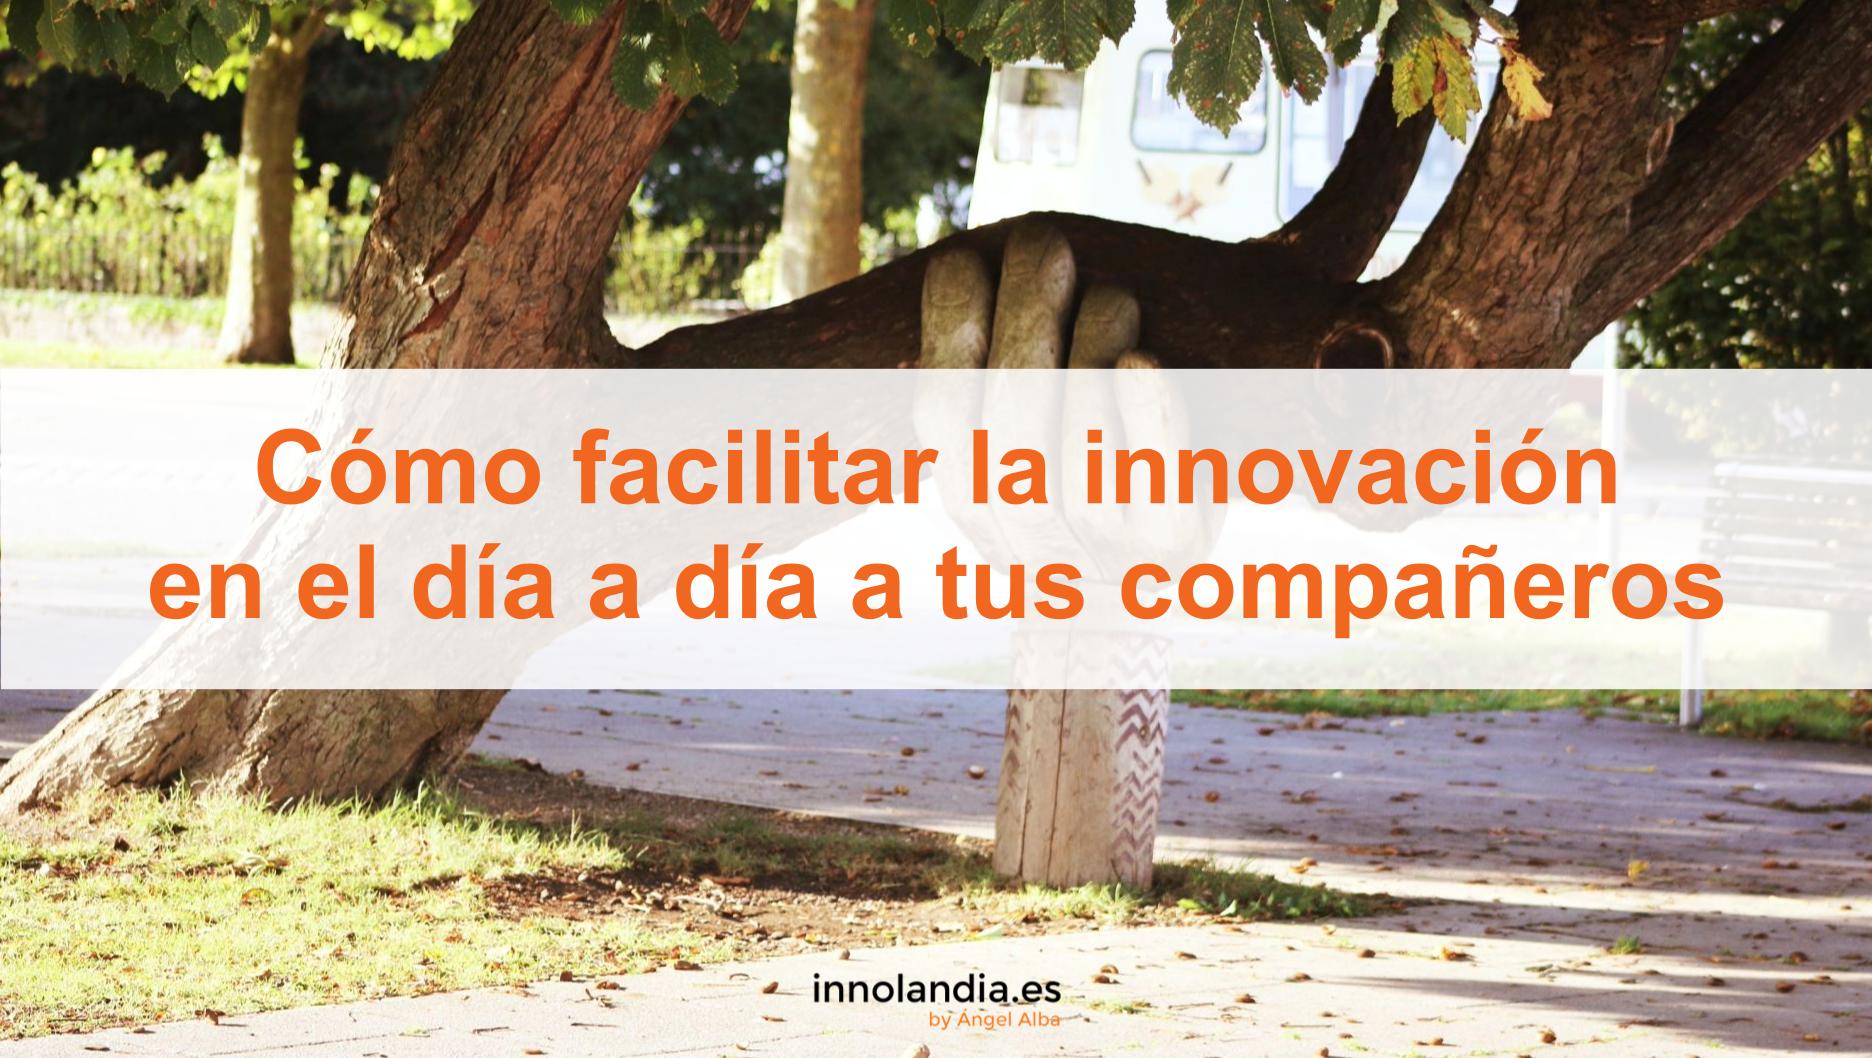 Cómo facilitar la innovación en el día a día a tus compañeros